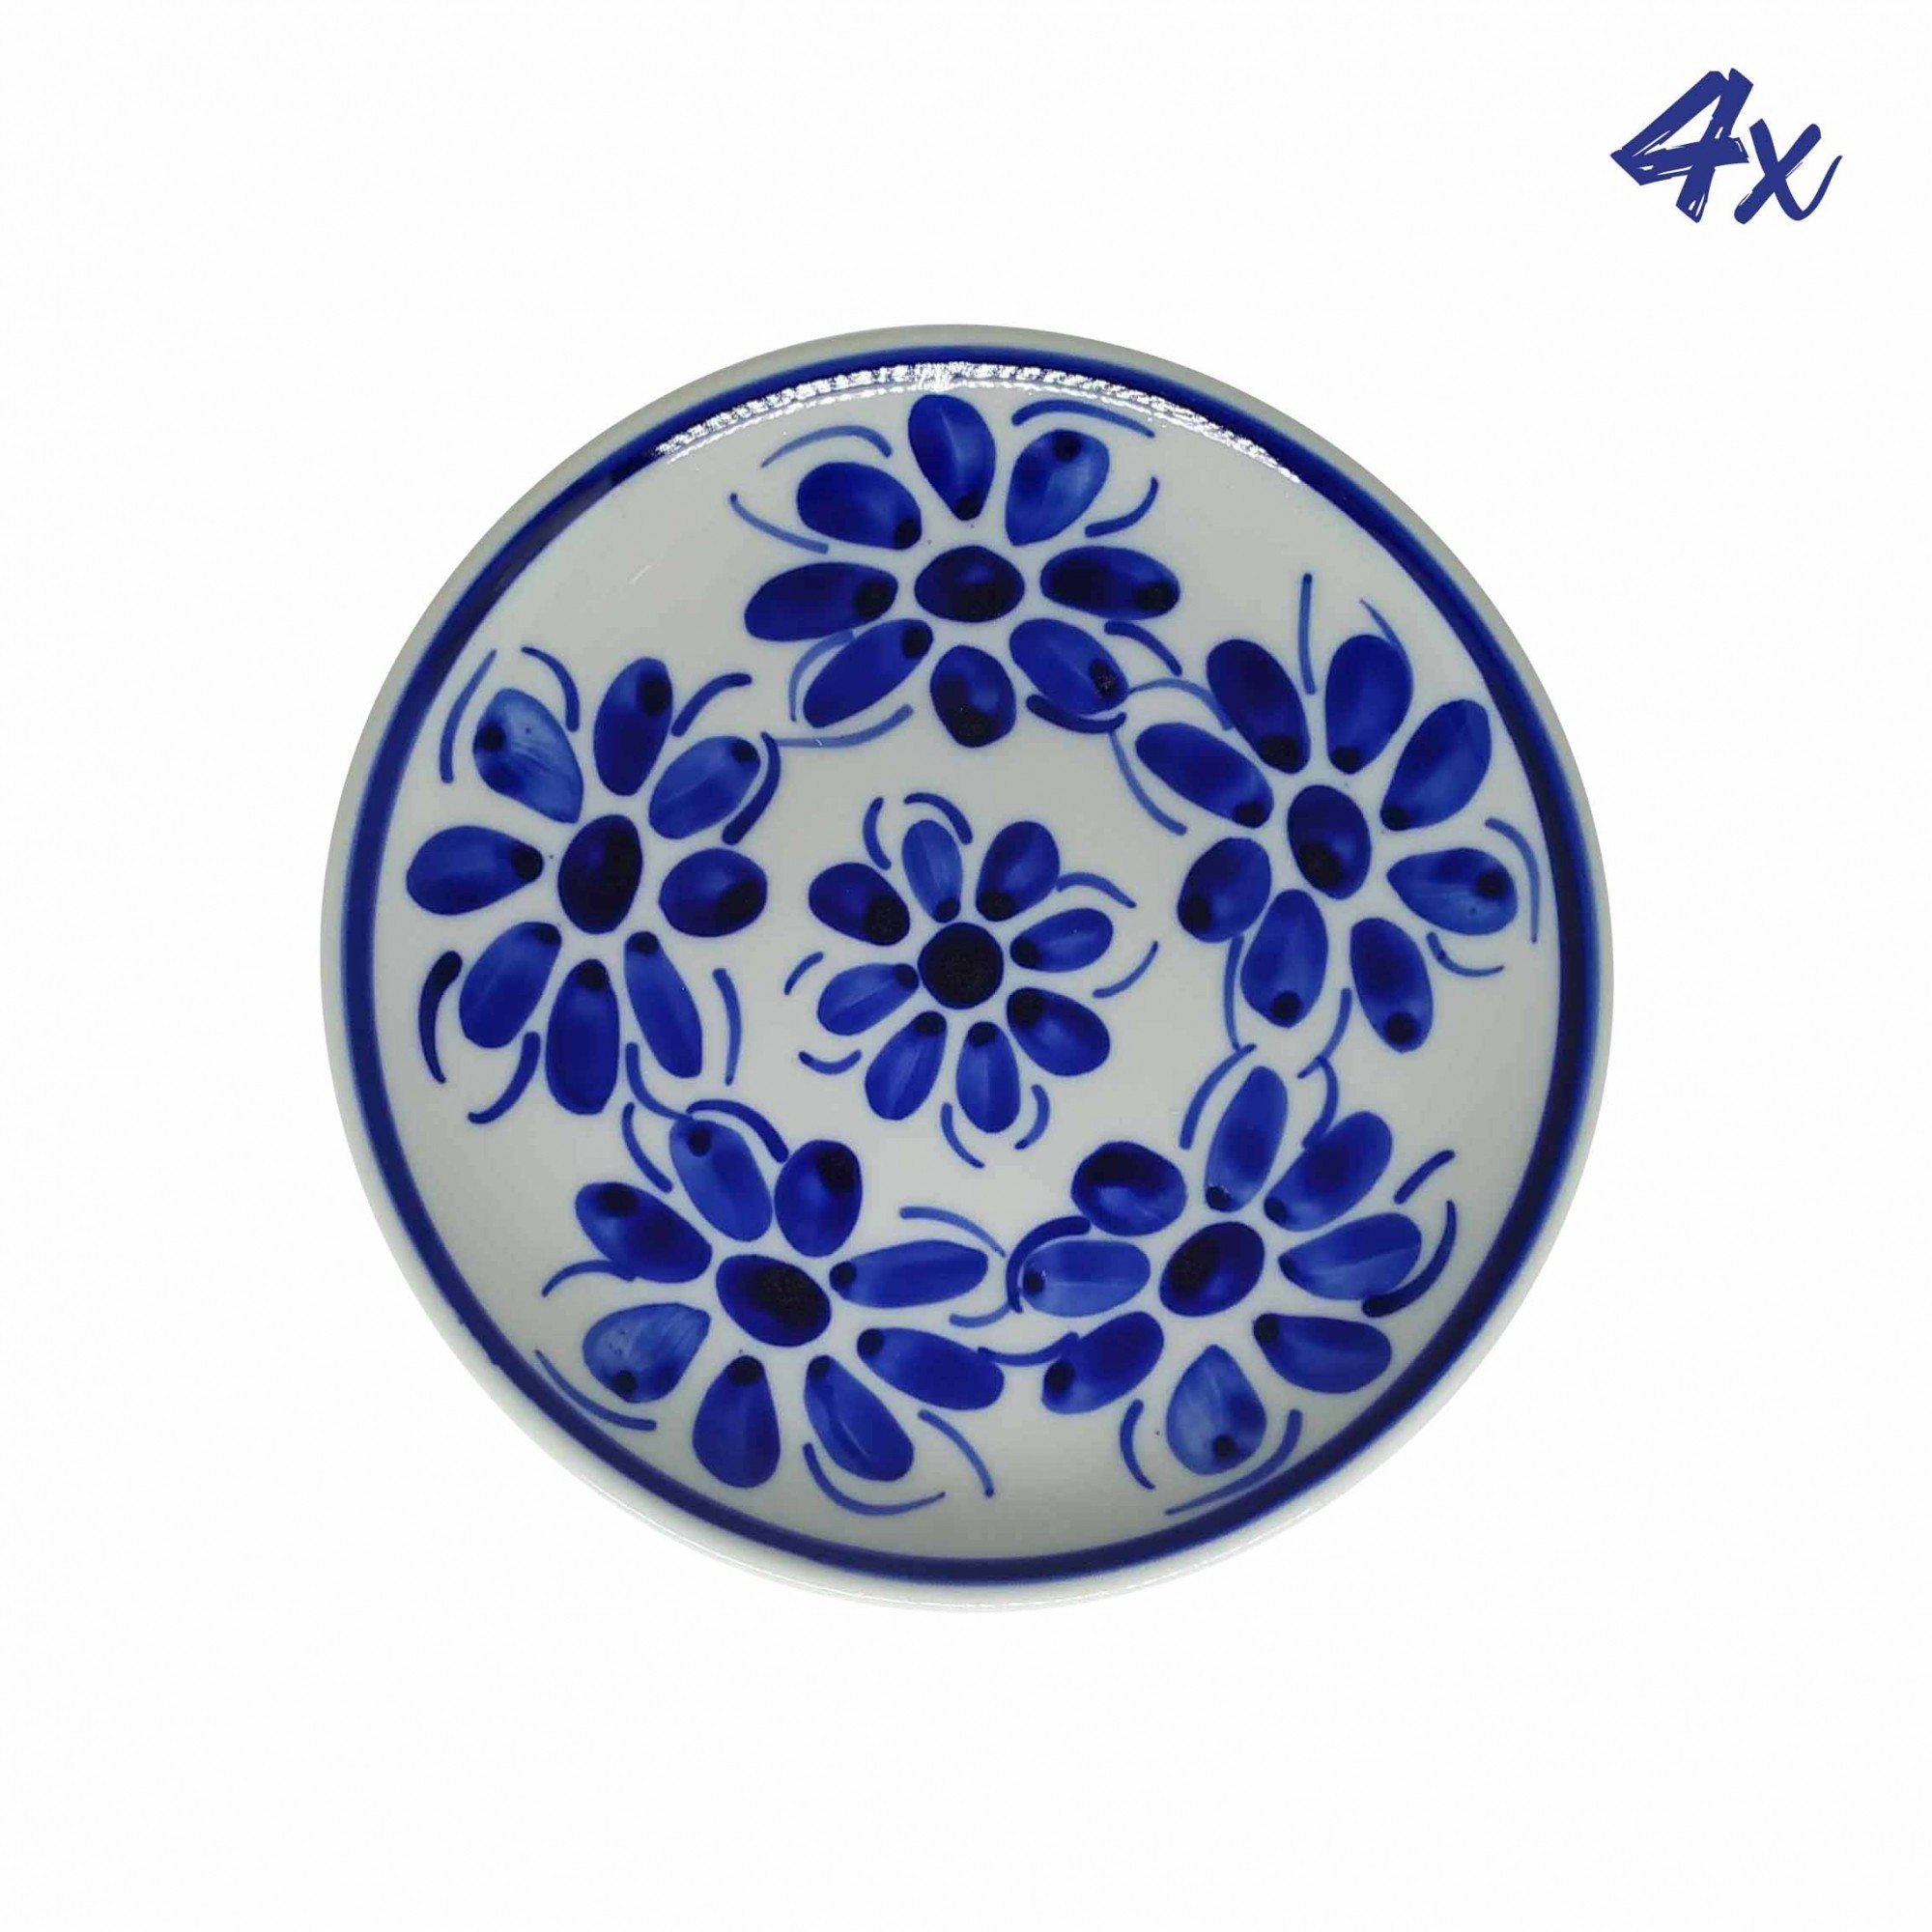 Jogo de 4 Pratos de Sobremesa 18,5 cm em Porcelana Azul Vintage